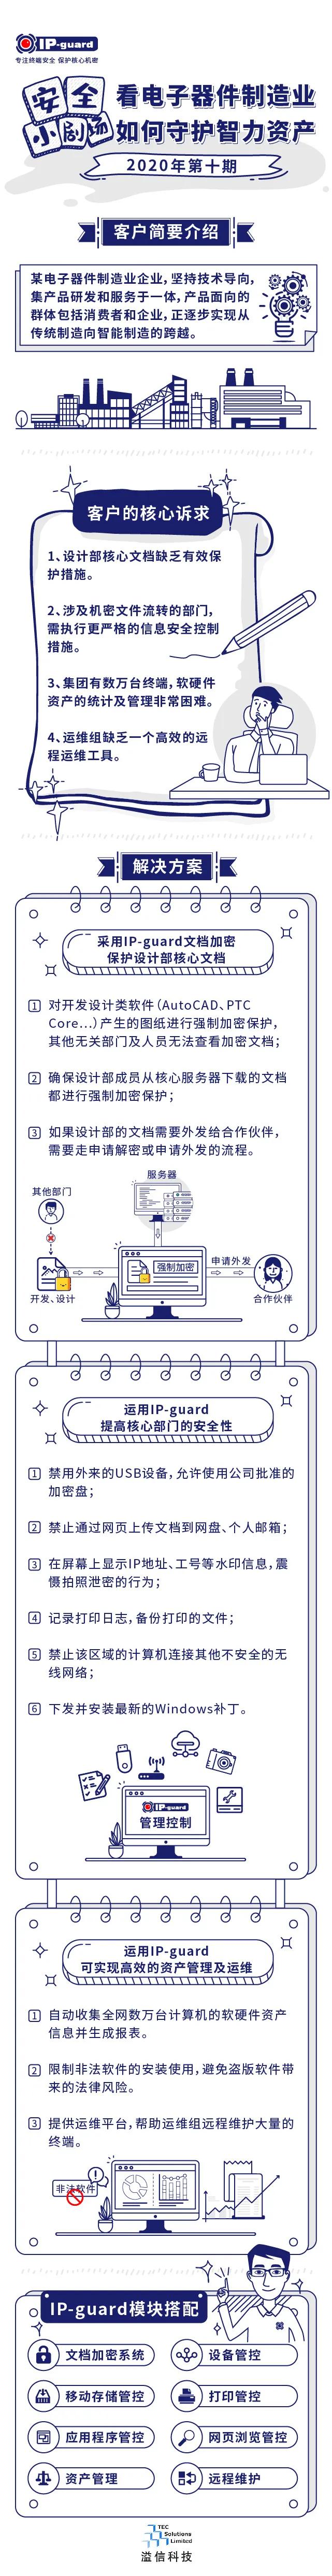 【数据安全小剧场】看电子器件制造业如何守护智力资产